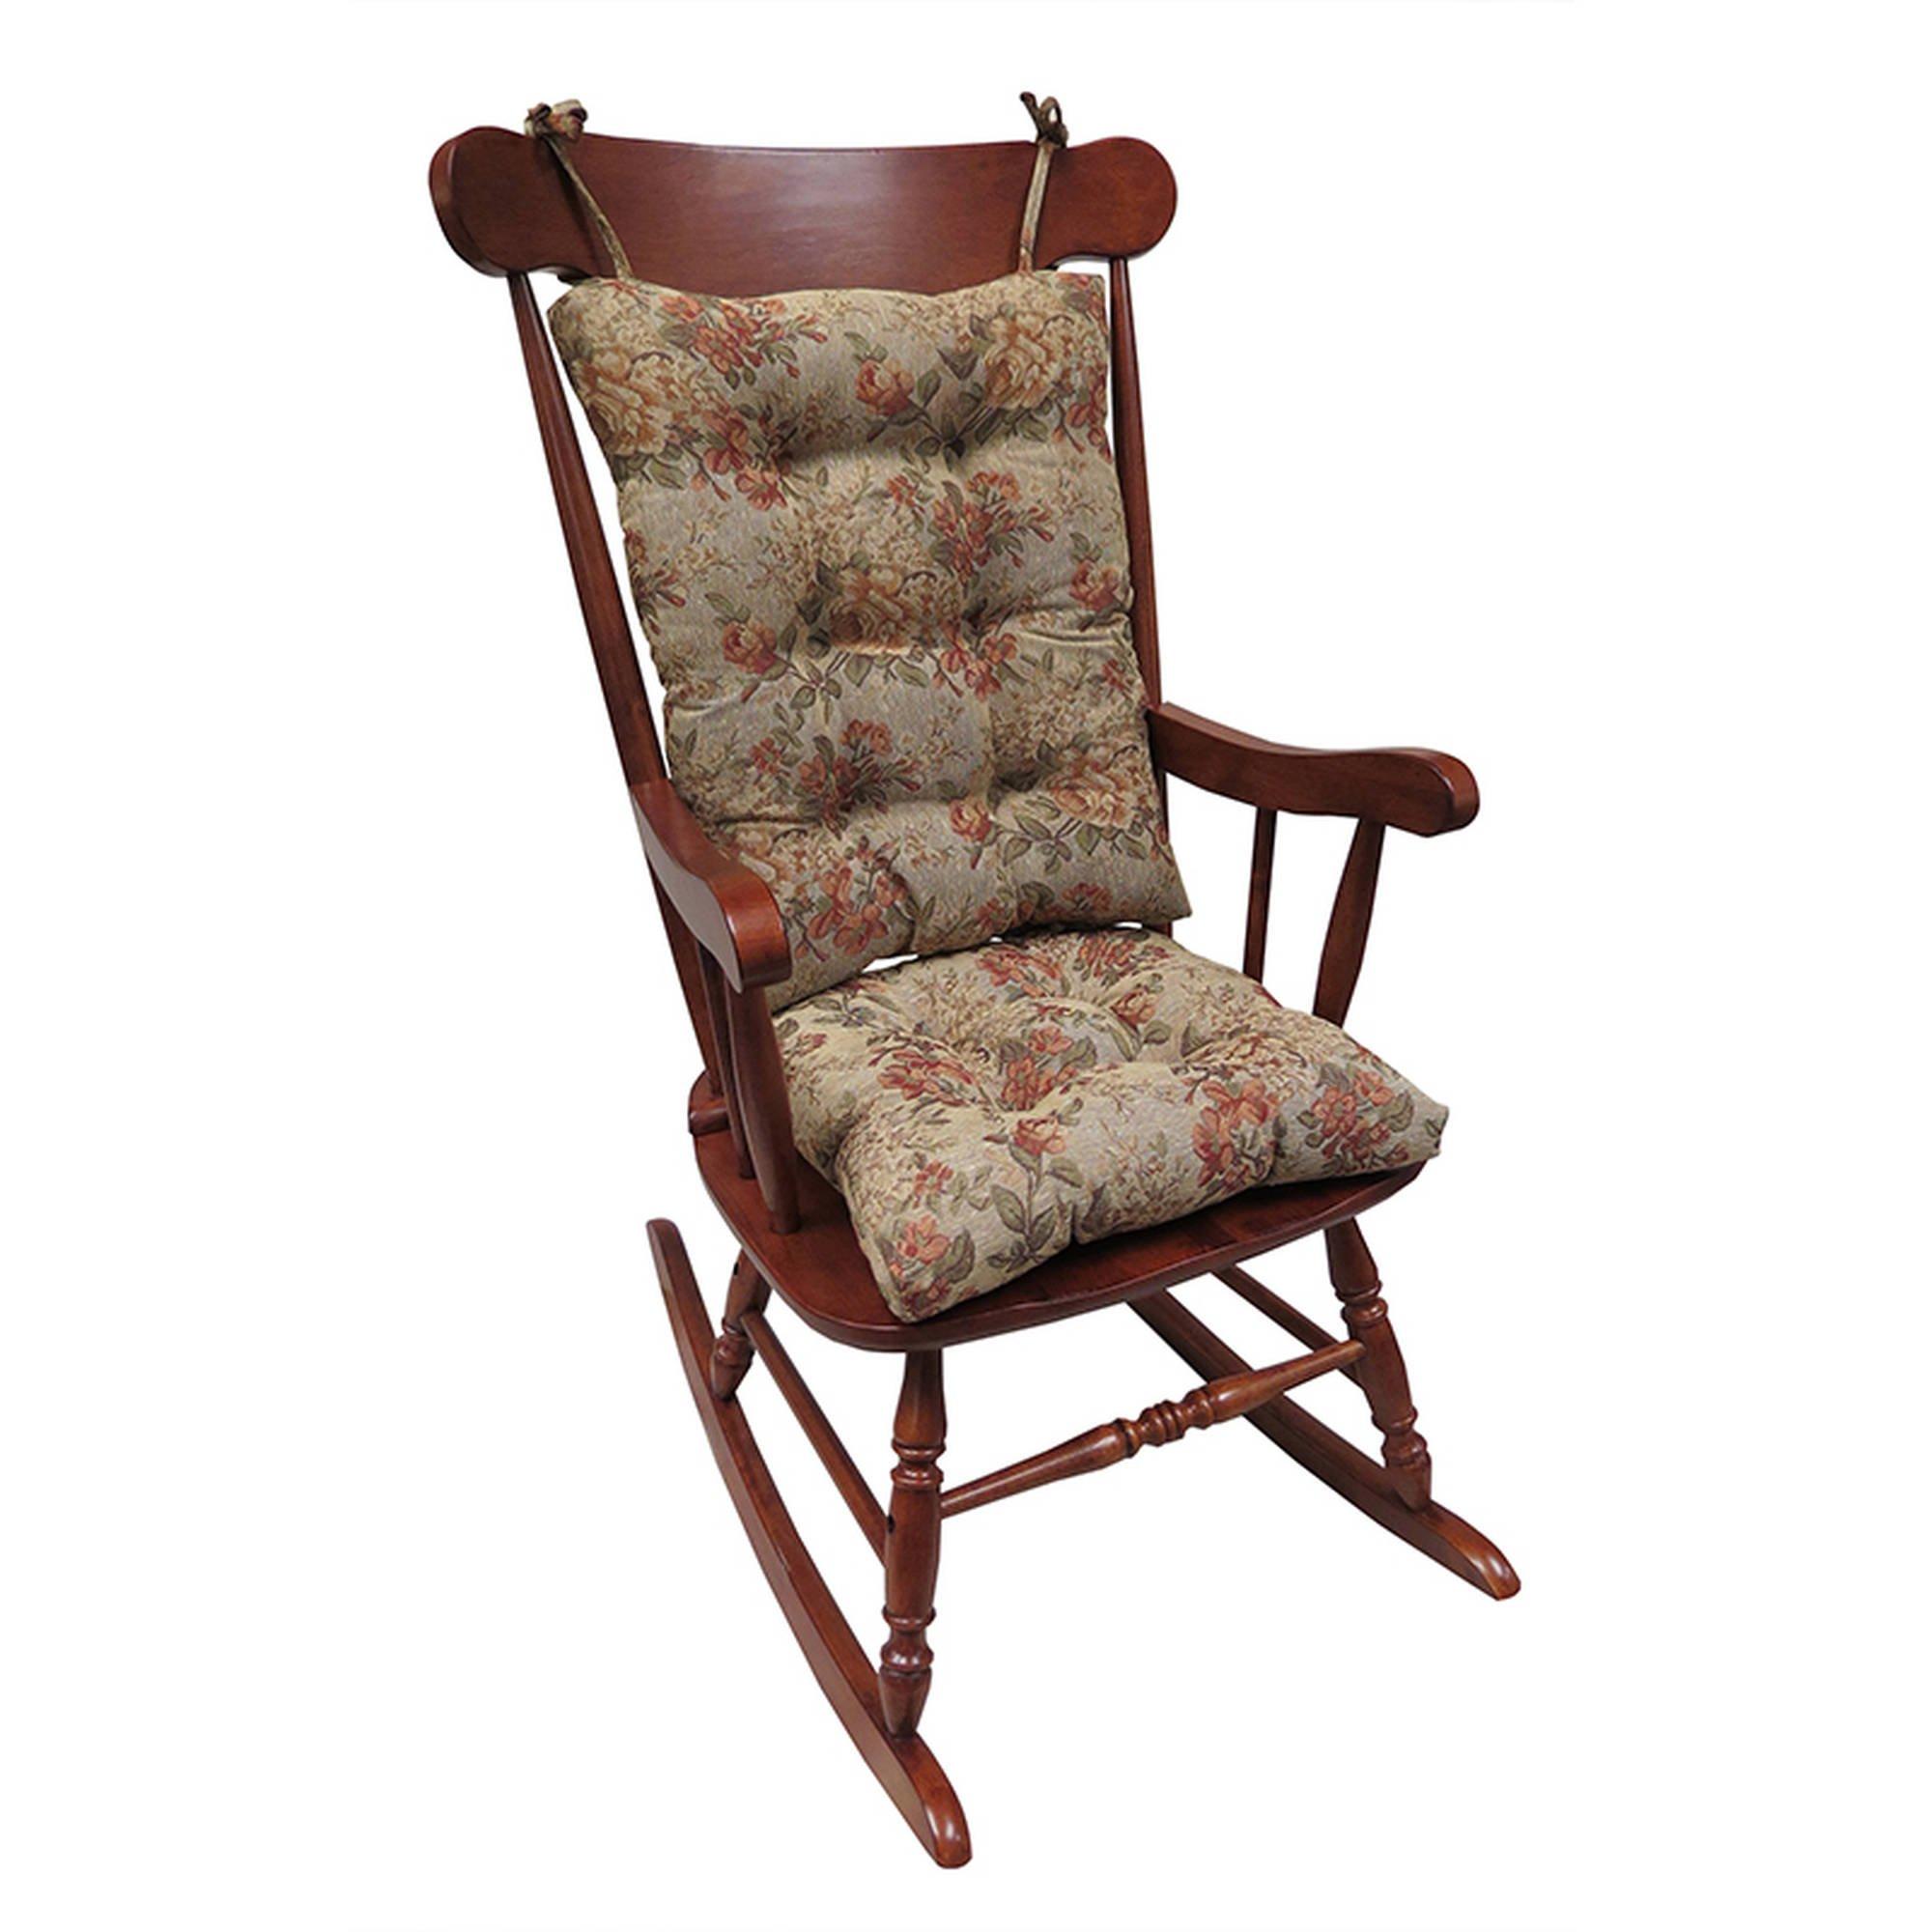 Klear Vu Non-Slip Cushions Gripper Rocking Chair in Somerset Tapestry by Klear Vu